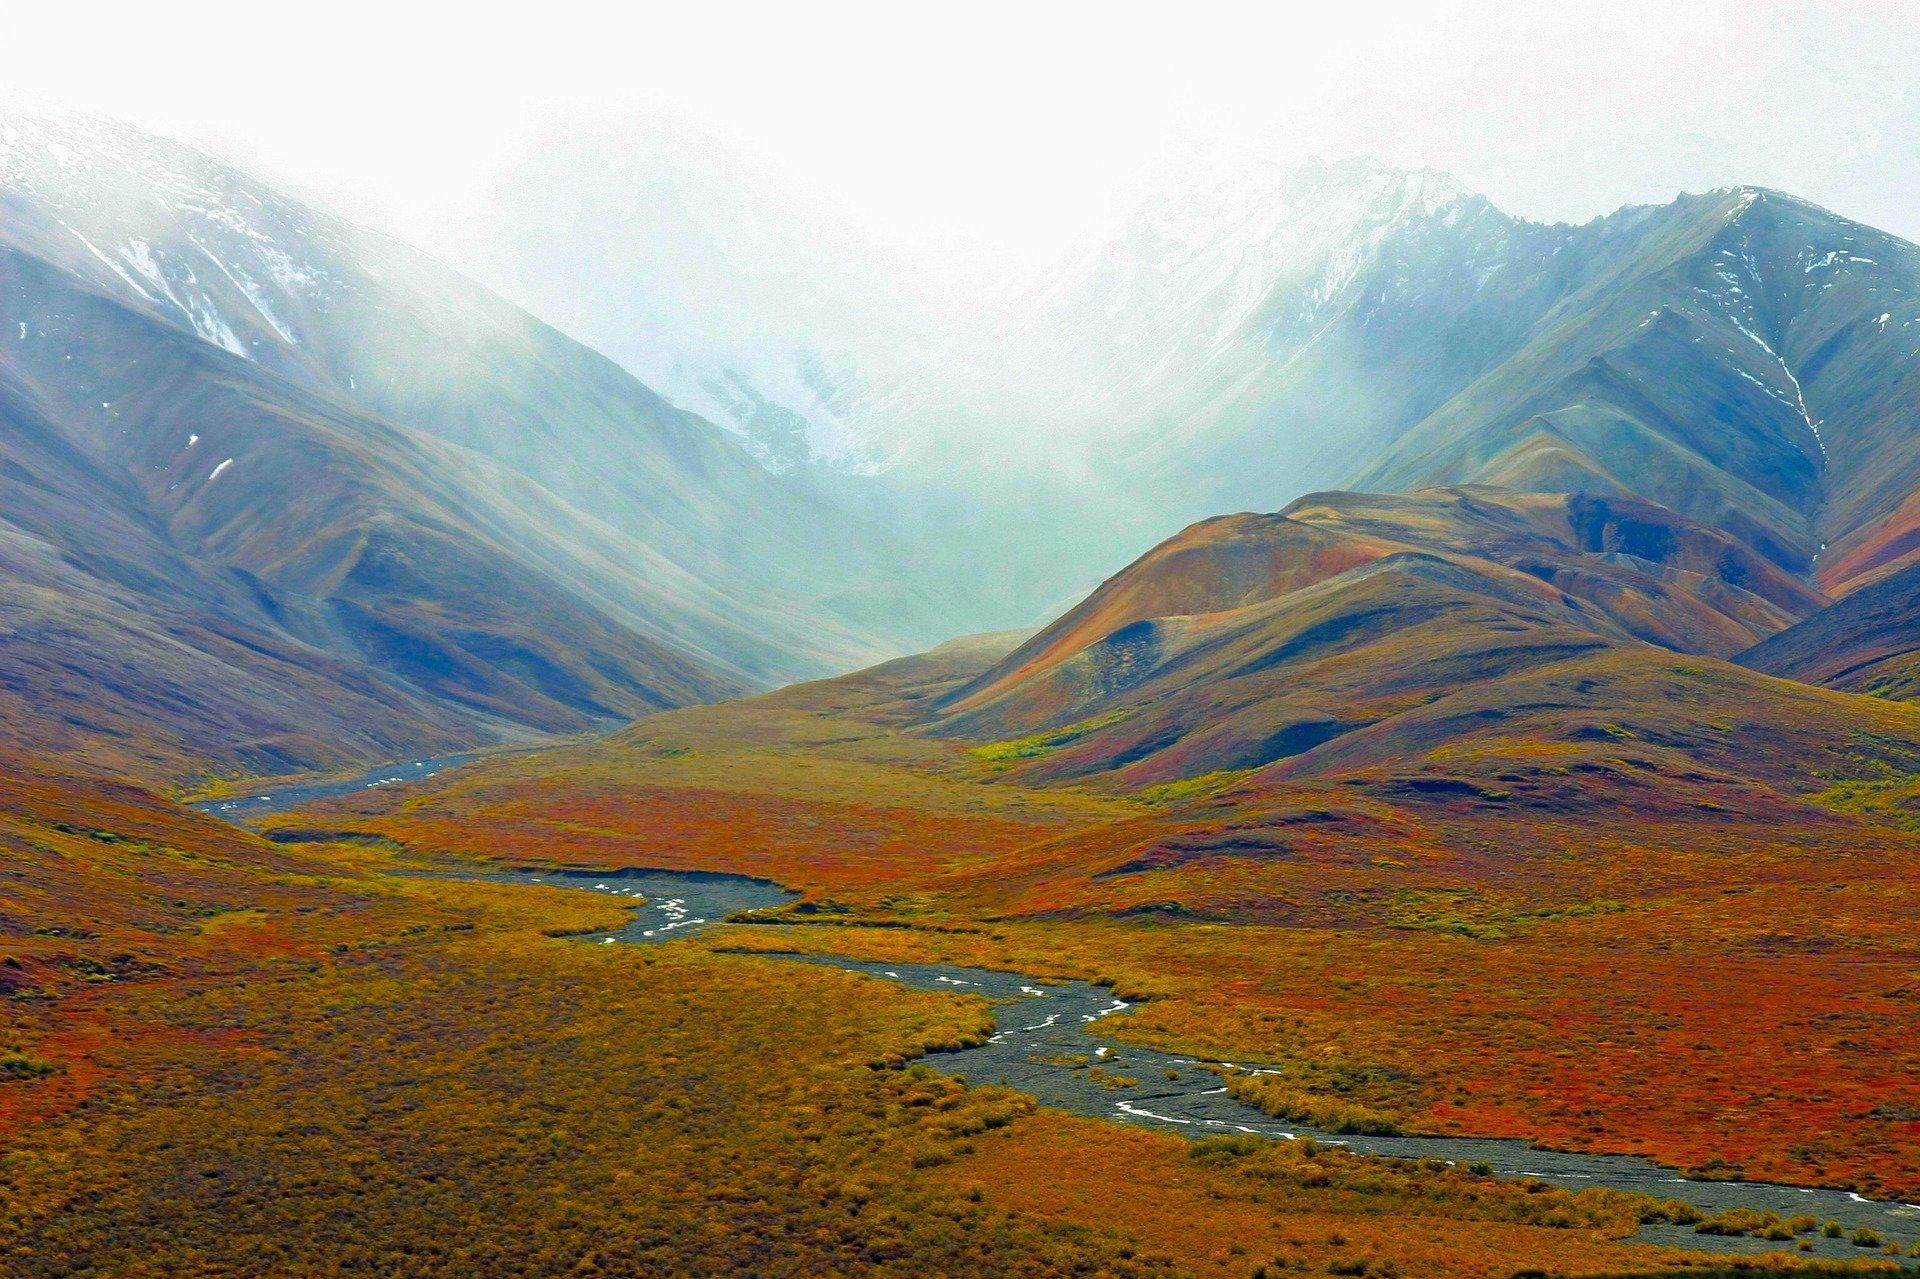 Alaska mountain scenery